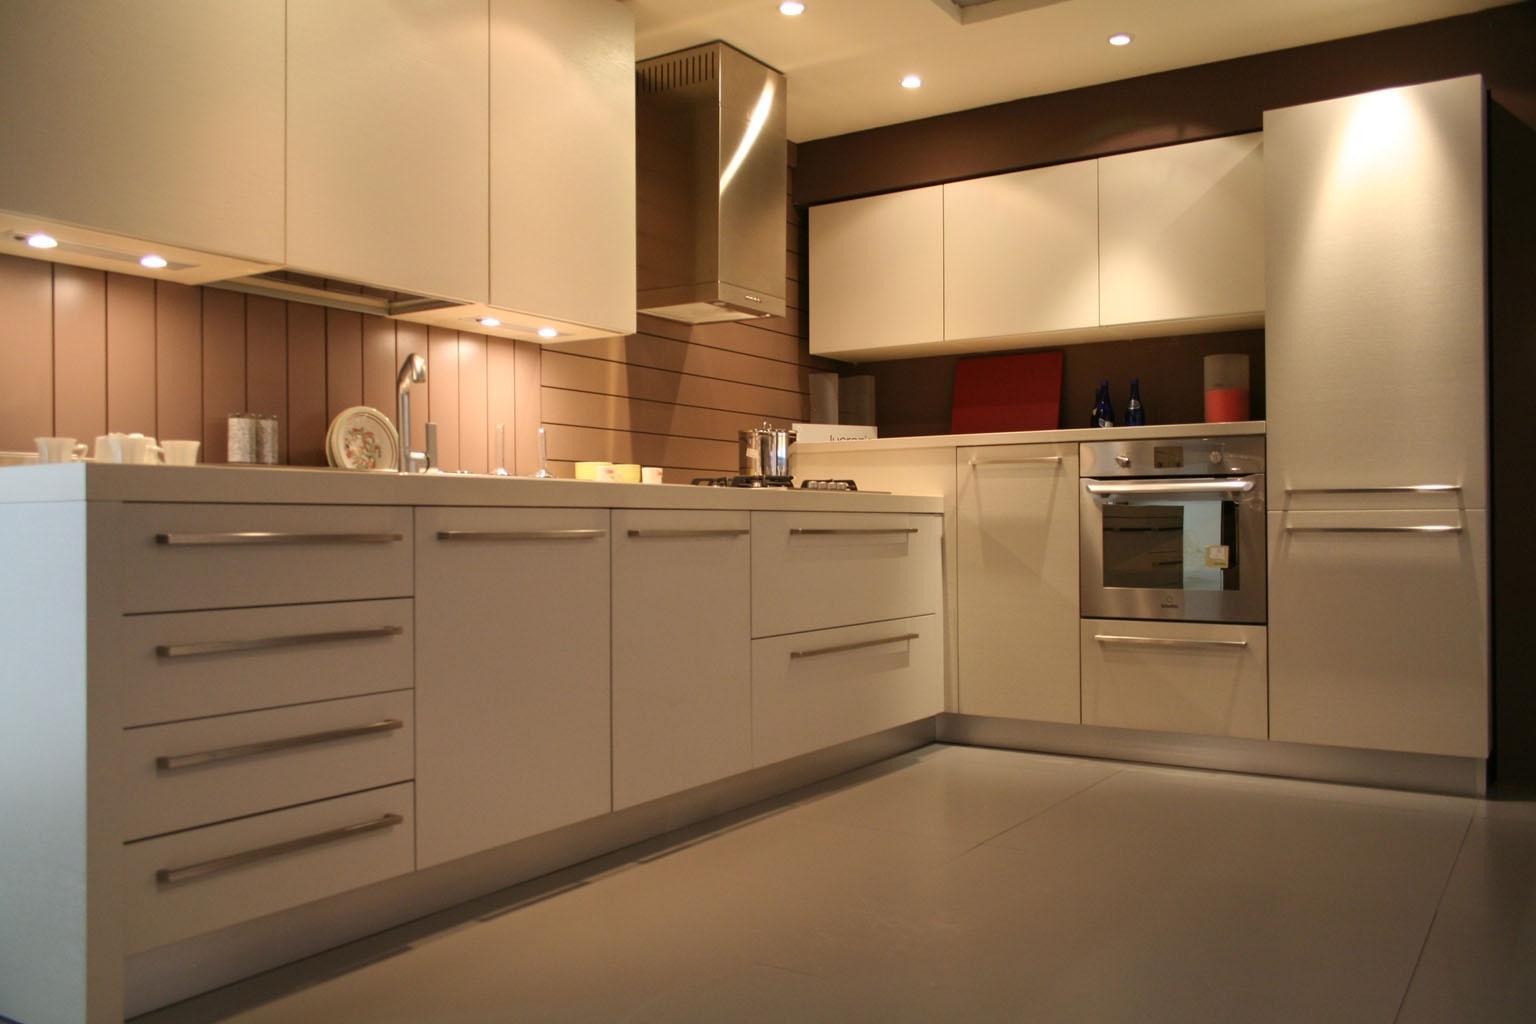 Cucina ad angolo cesar in legno con elettrodomestici cucine a prezzi scontati - Cucina con cappa ad angolo ...